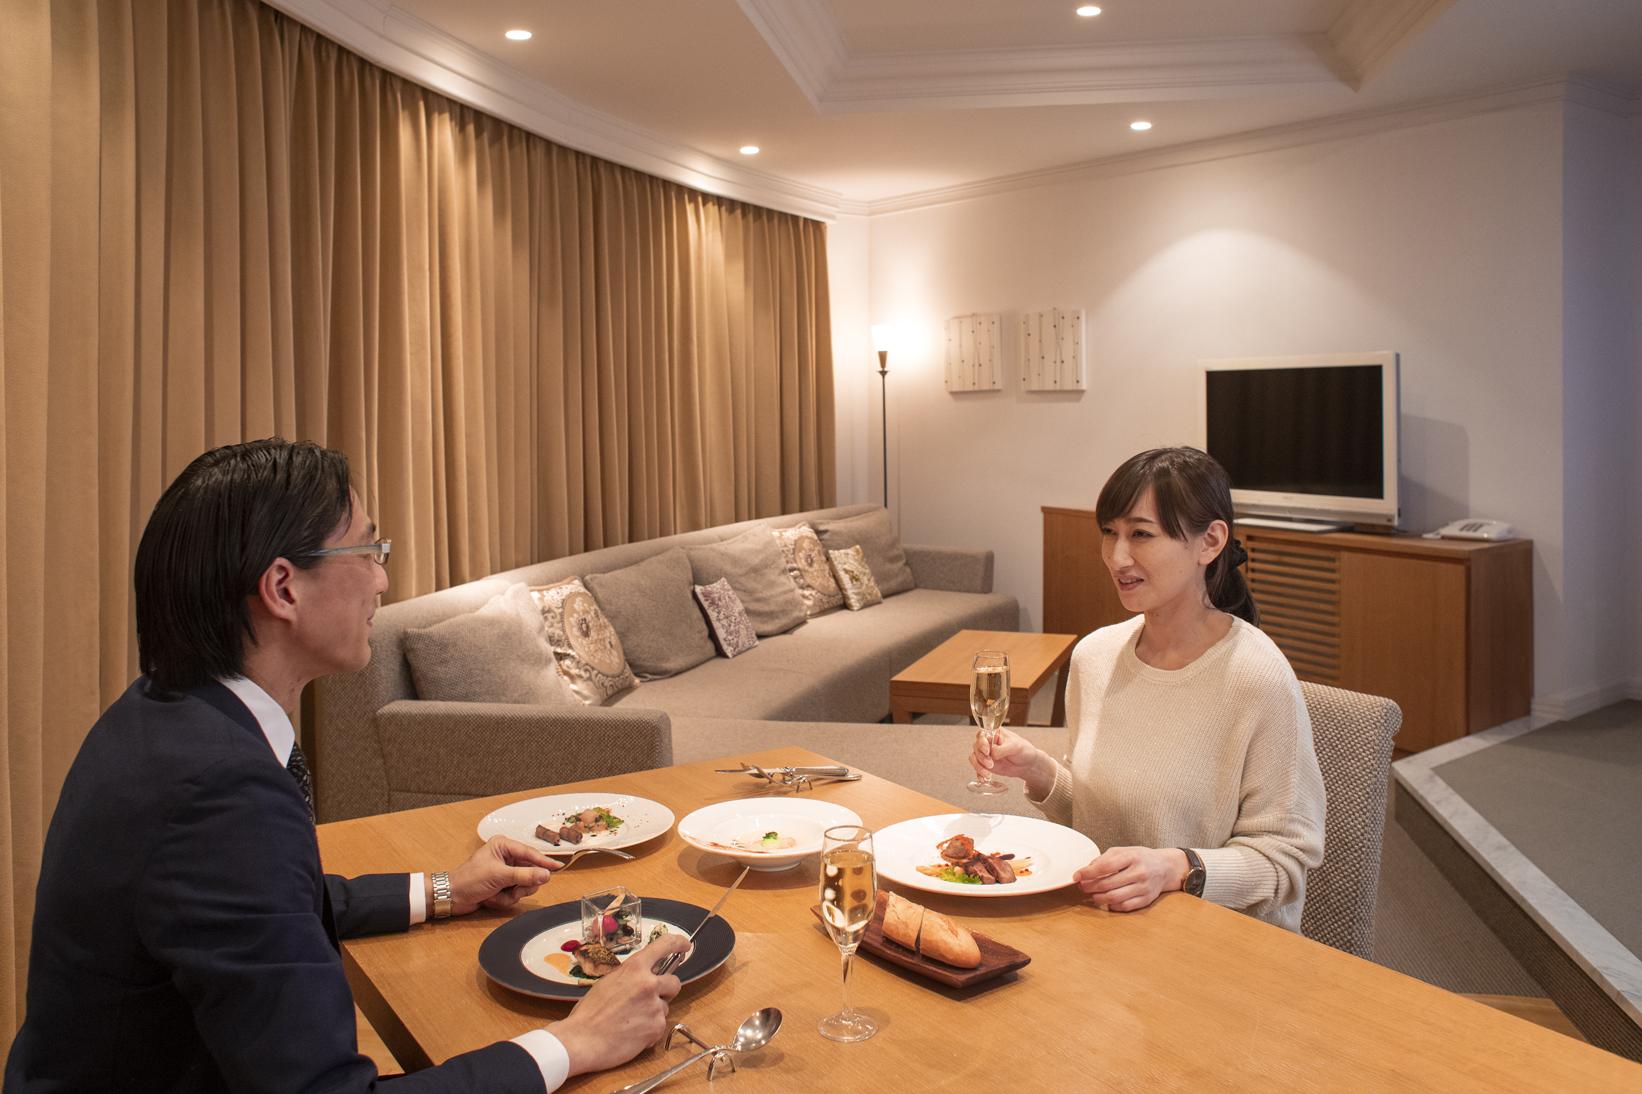 フレンチ 部屋食 安心 コロナ対策 ワイン 小樽 フレンチ 北海道